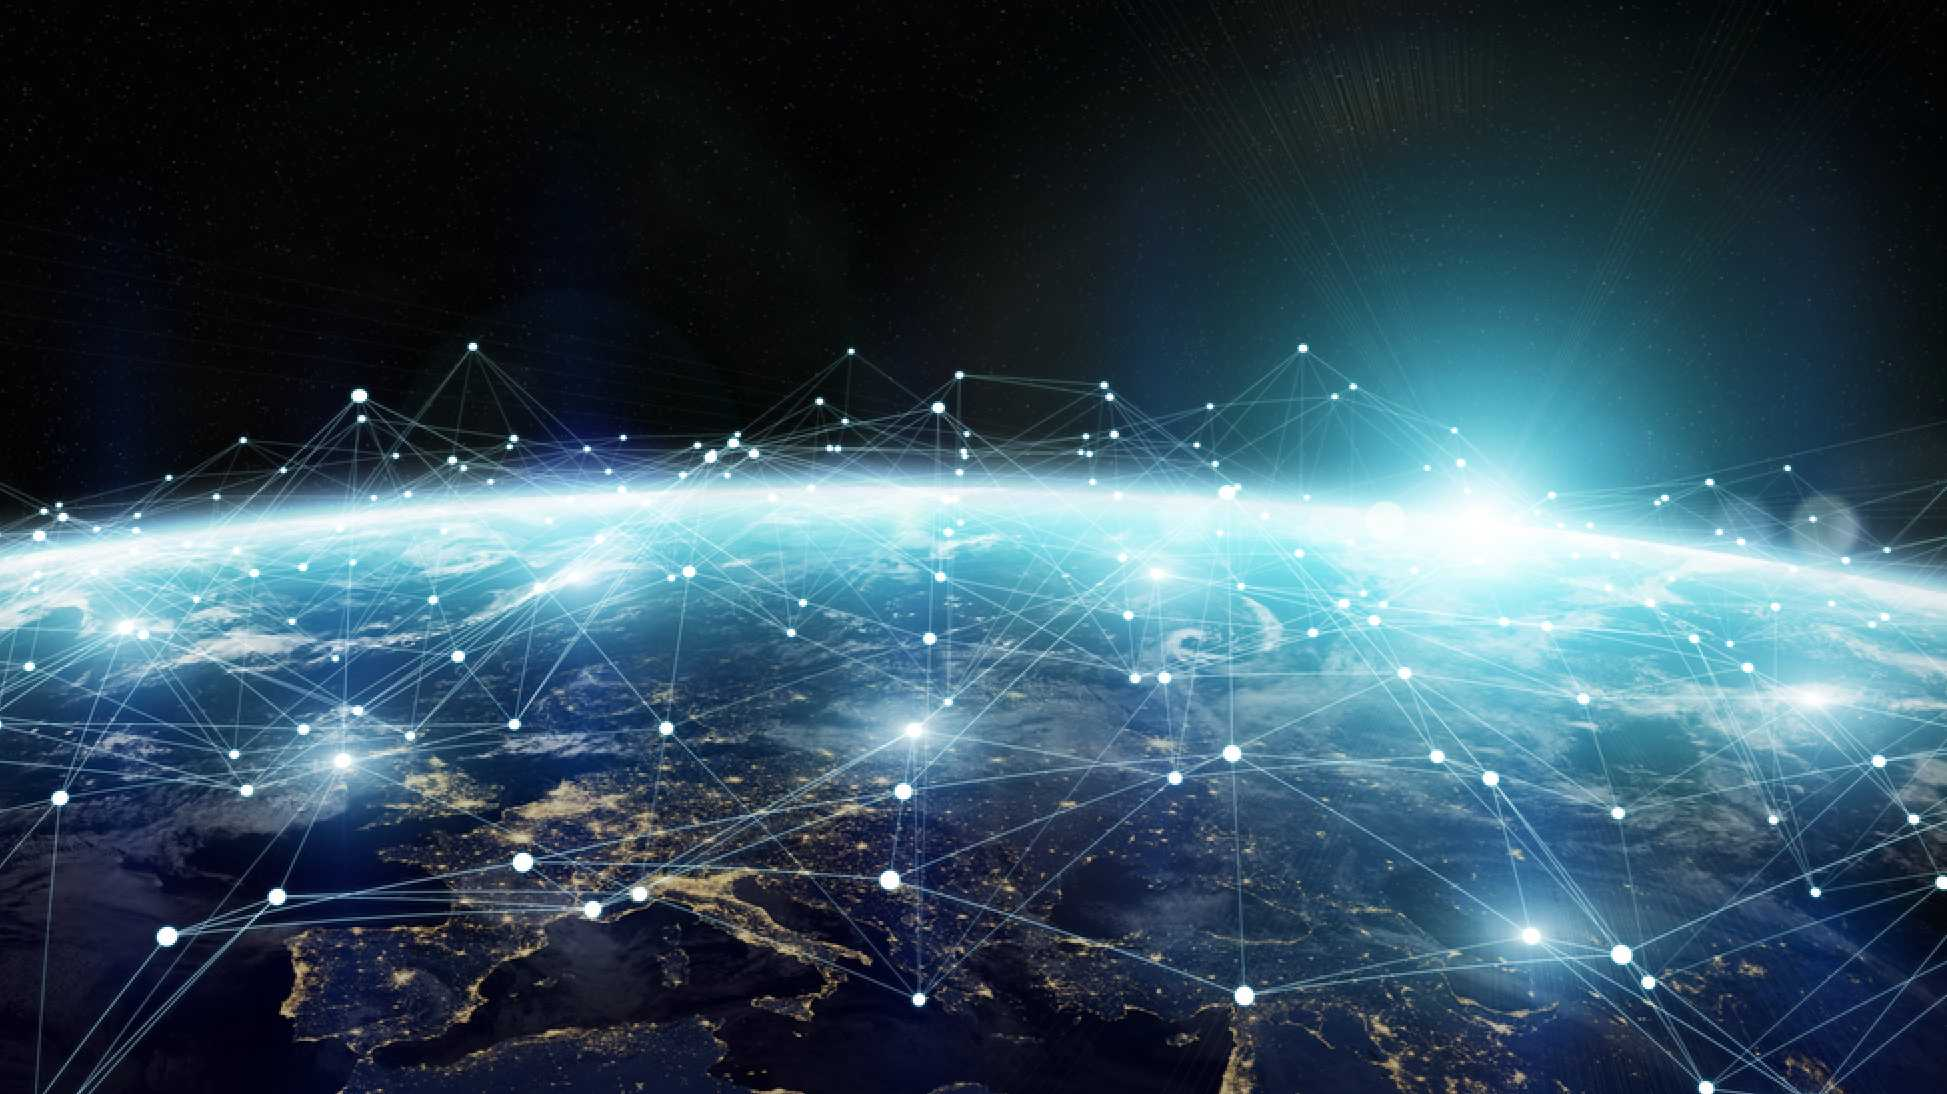 Weltwirtschaftsforum: Auf Handelskrieg folgt Tech-Nationalismus